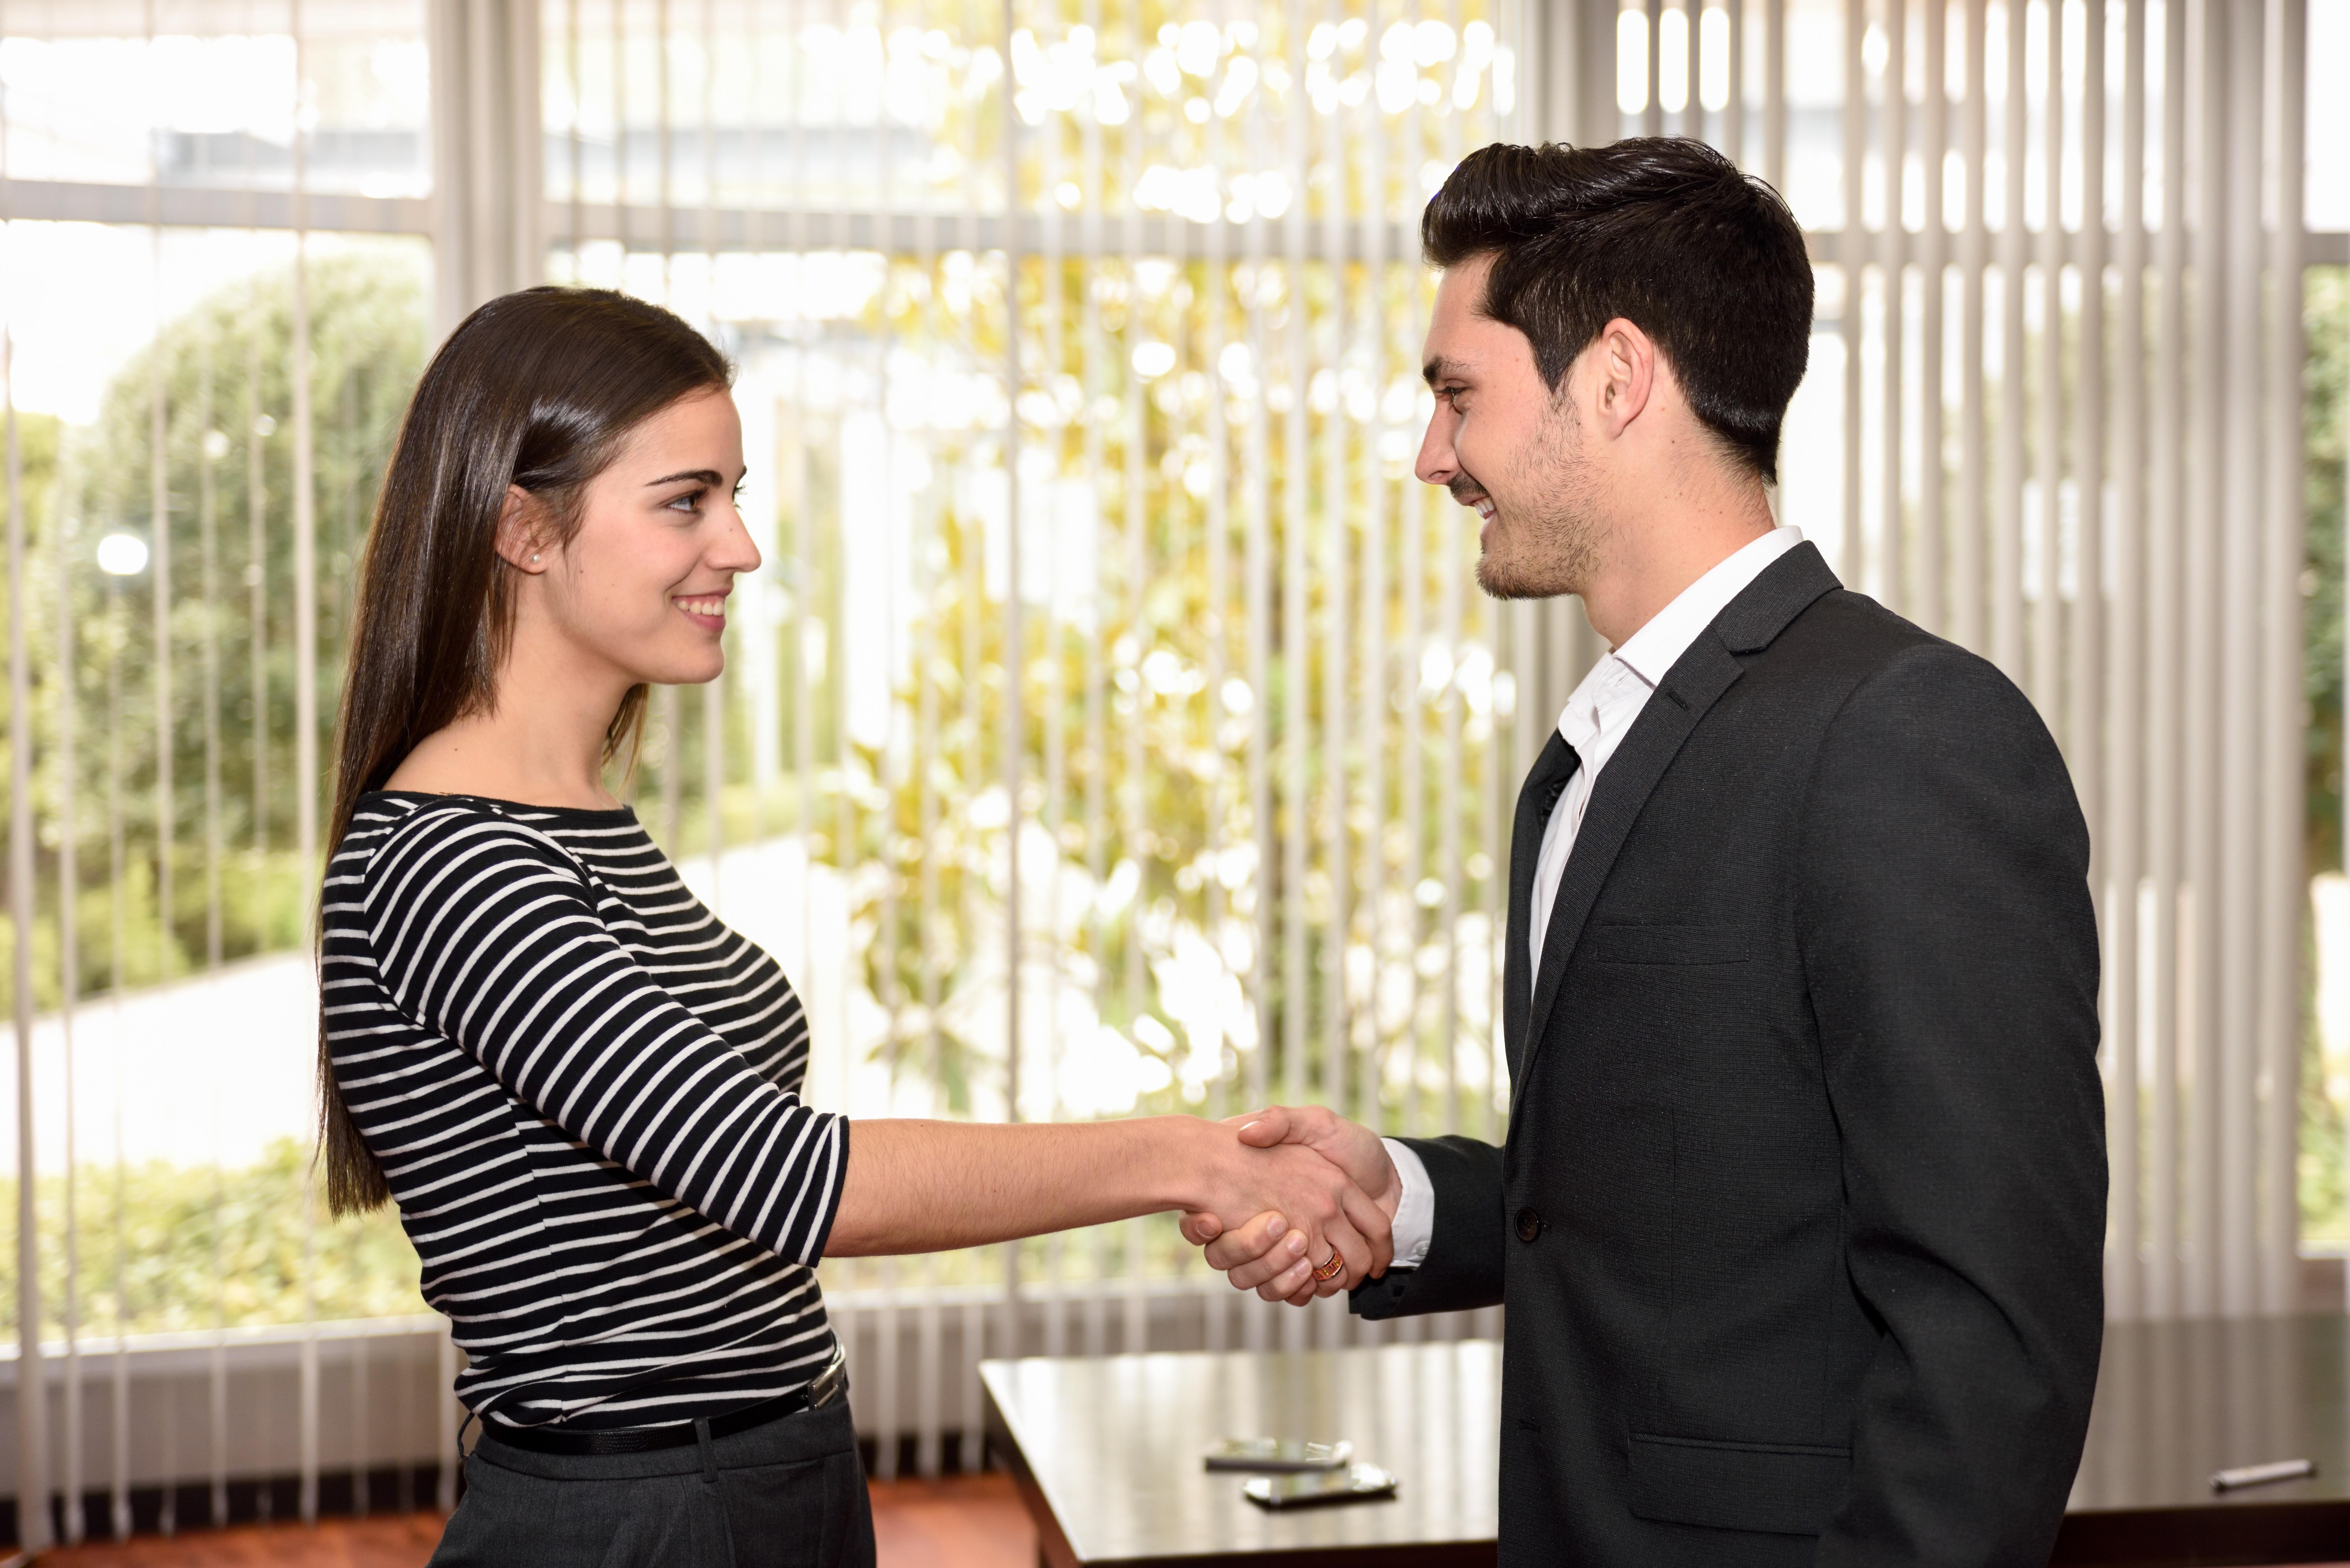 ¿Qué preguntar durante una entrevista de trabajo?